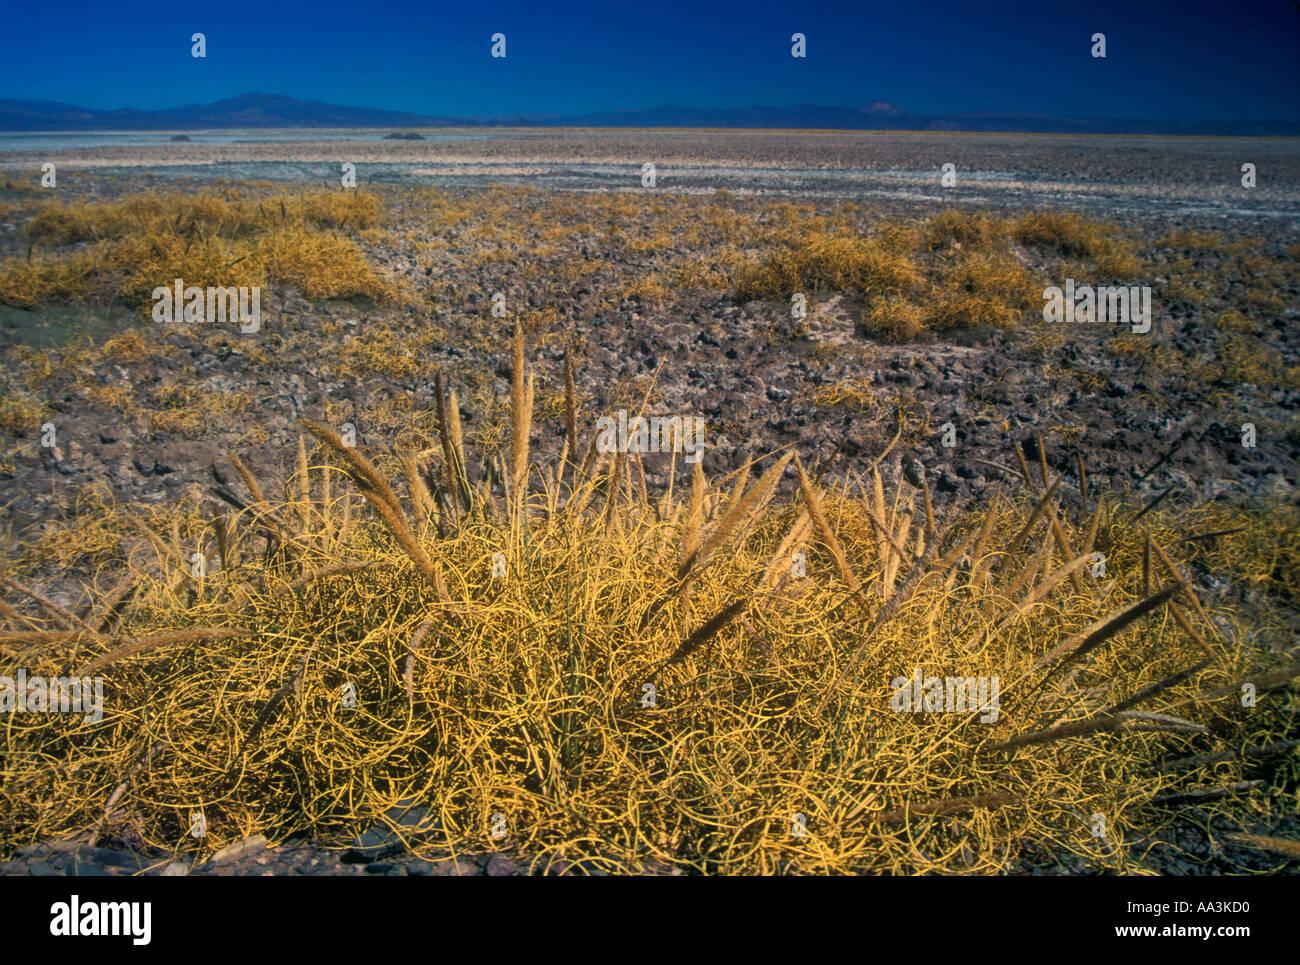 Plantes sel dans Salinas Grandes dans la Puna argentine Banque D'Images